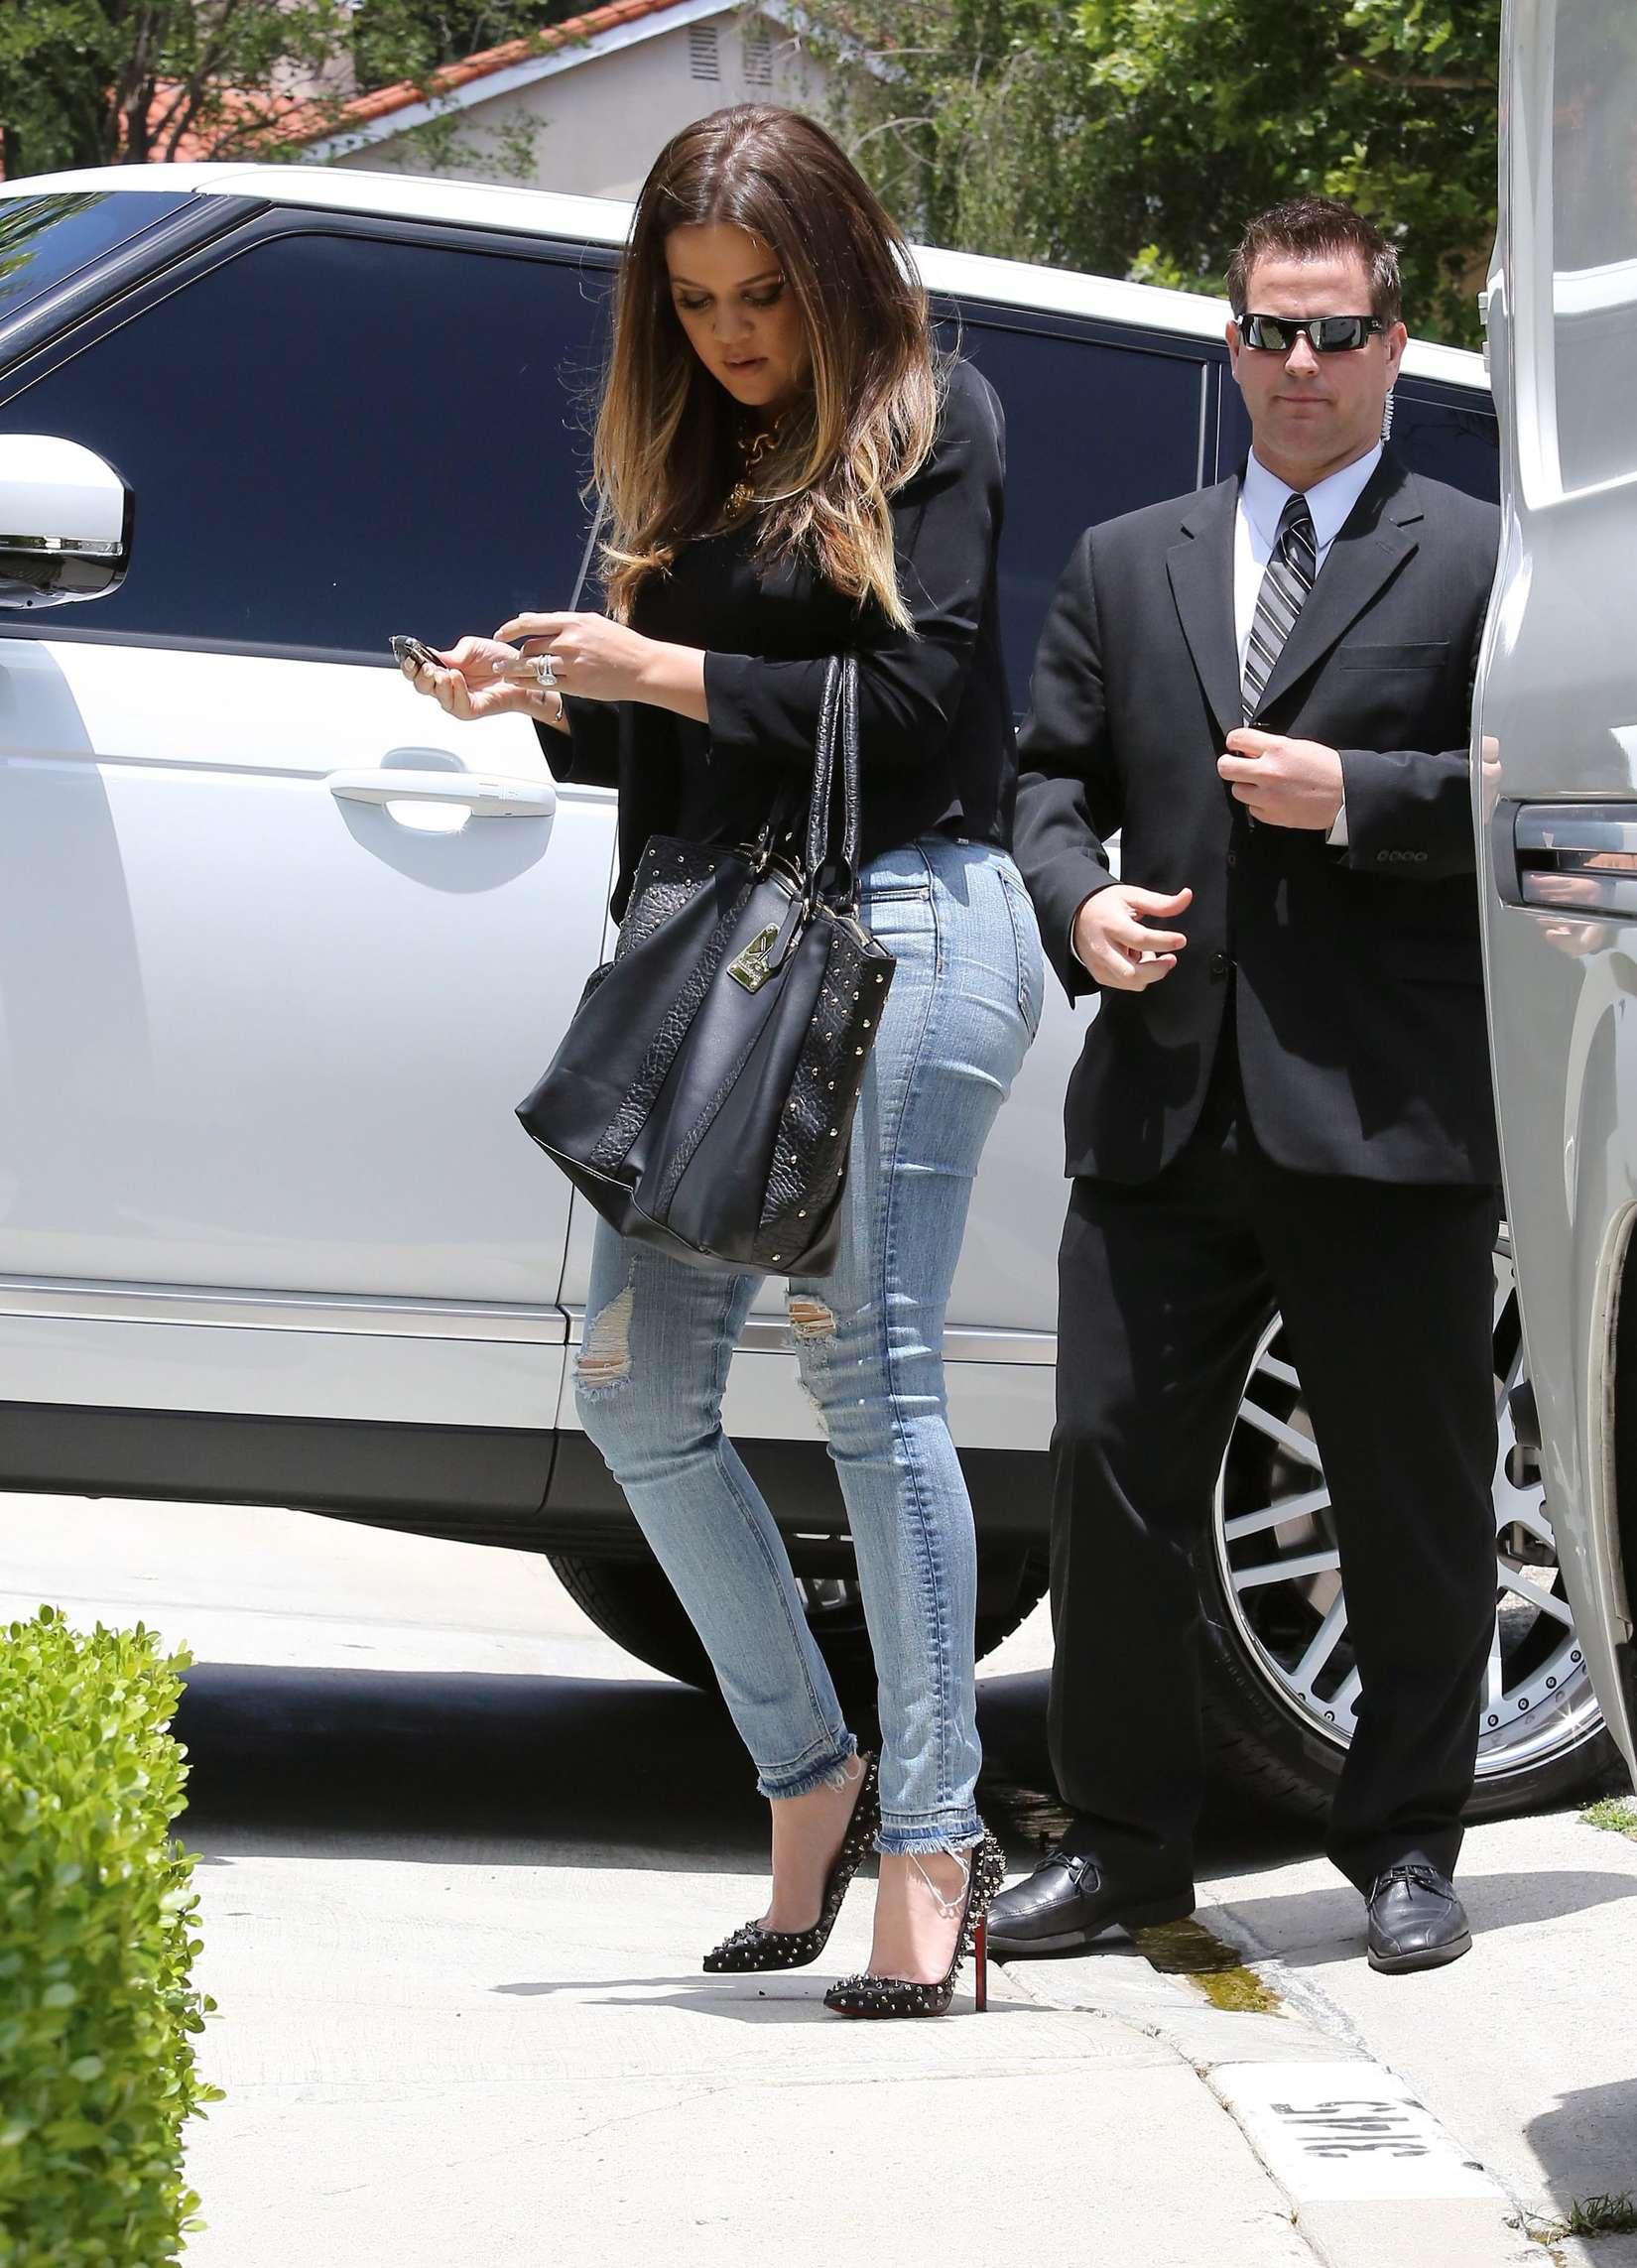 Khloe Kardashian 2013 : Khloe Kardashian at Kims house -06